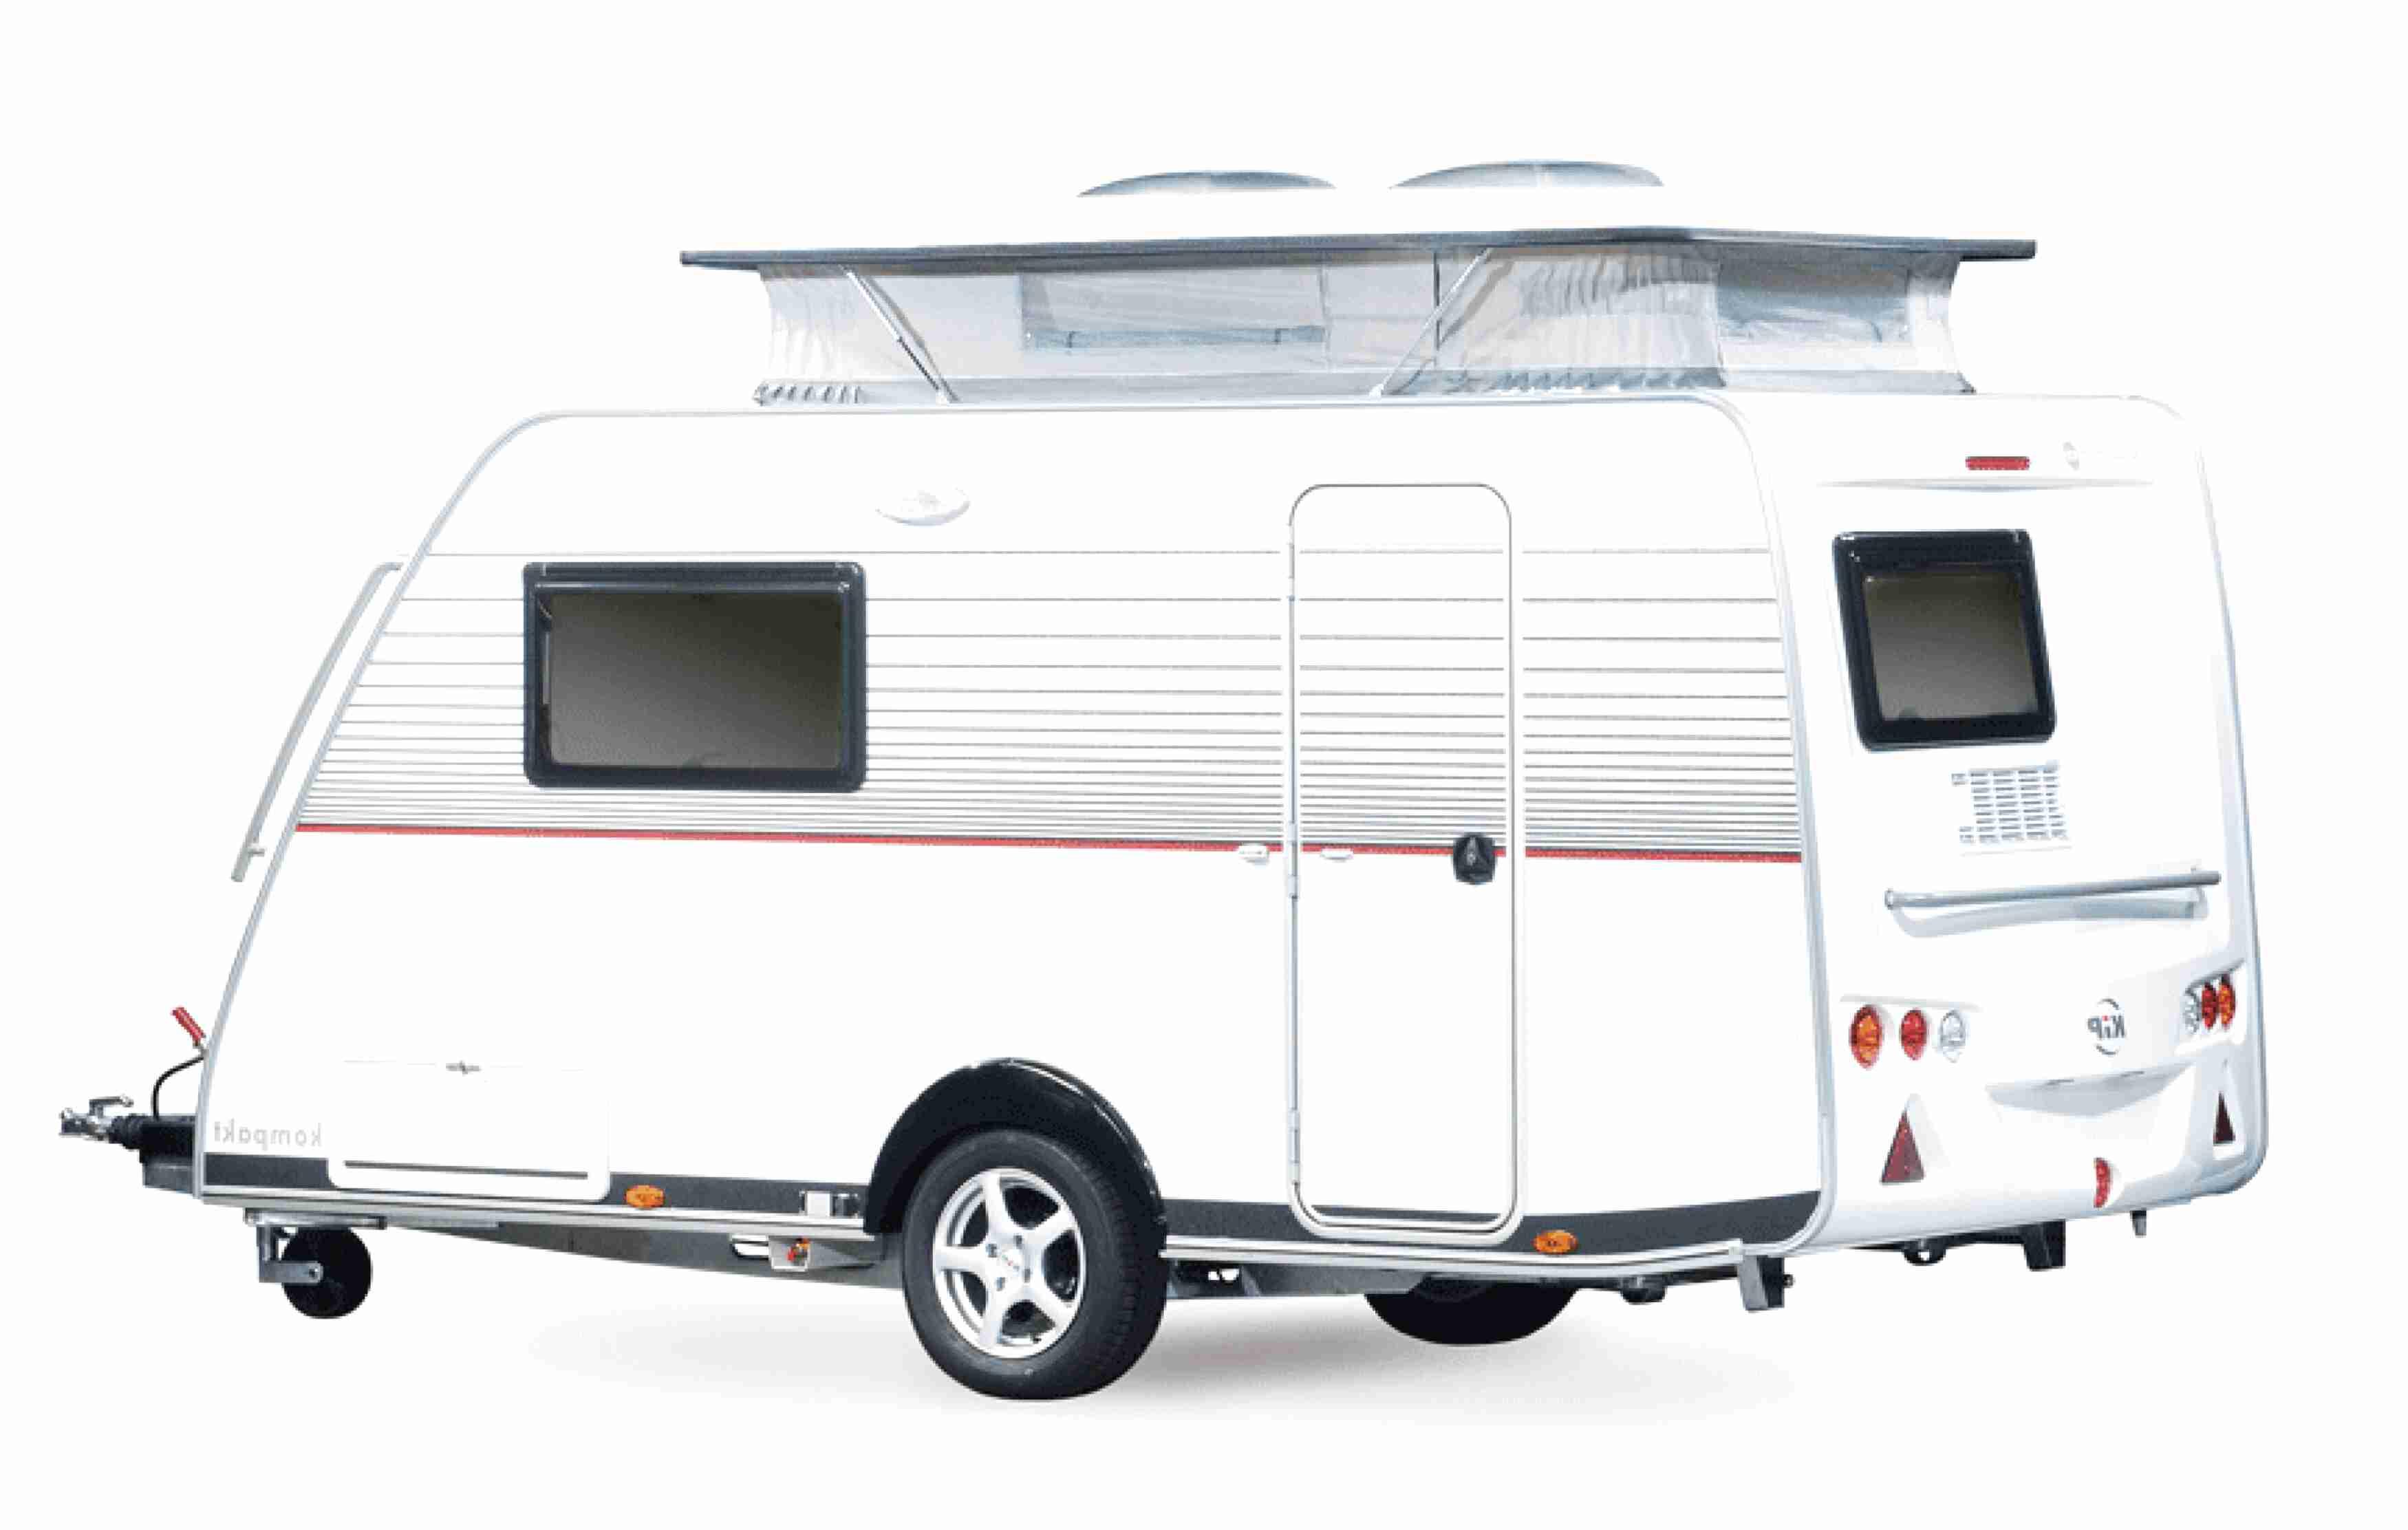 Wohnwagen Mobile Wohnwagen Gebraucht Kaufen 2 354 Angebote Bei Truckscout24